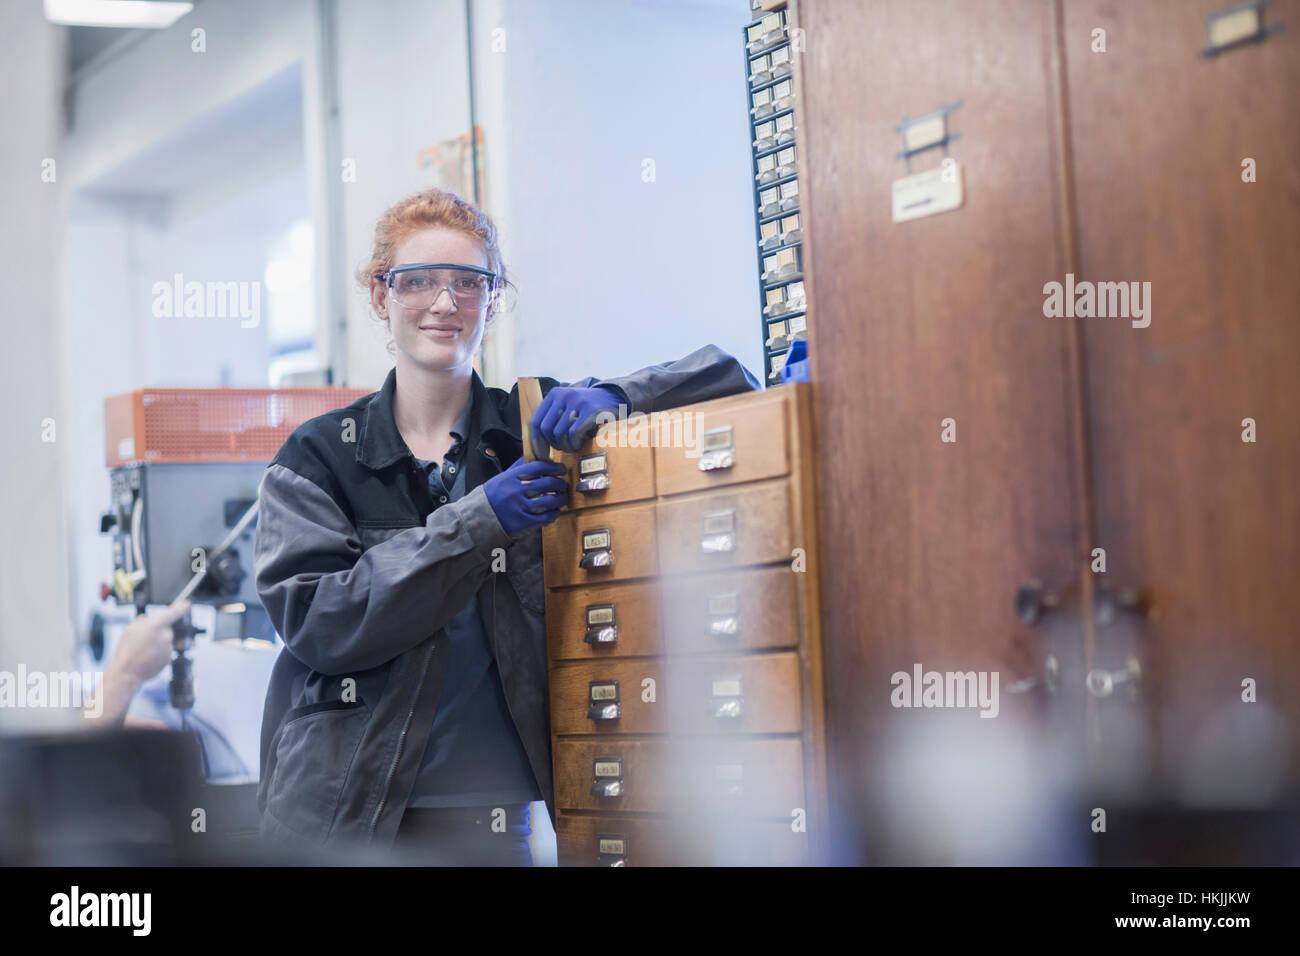 Retrato de un joven ingeniero de pie en una planta industrial, Friburgo de Brisgovia, Baden-Wurtemberg, Alemania Imagen De Stock